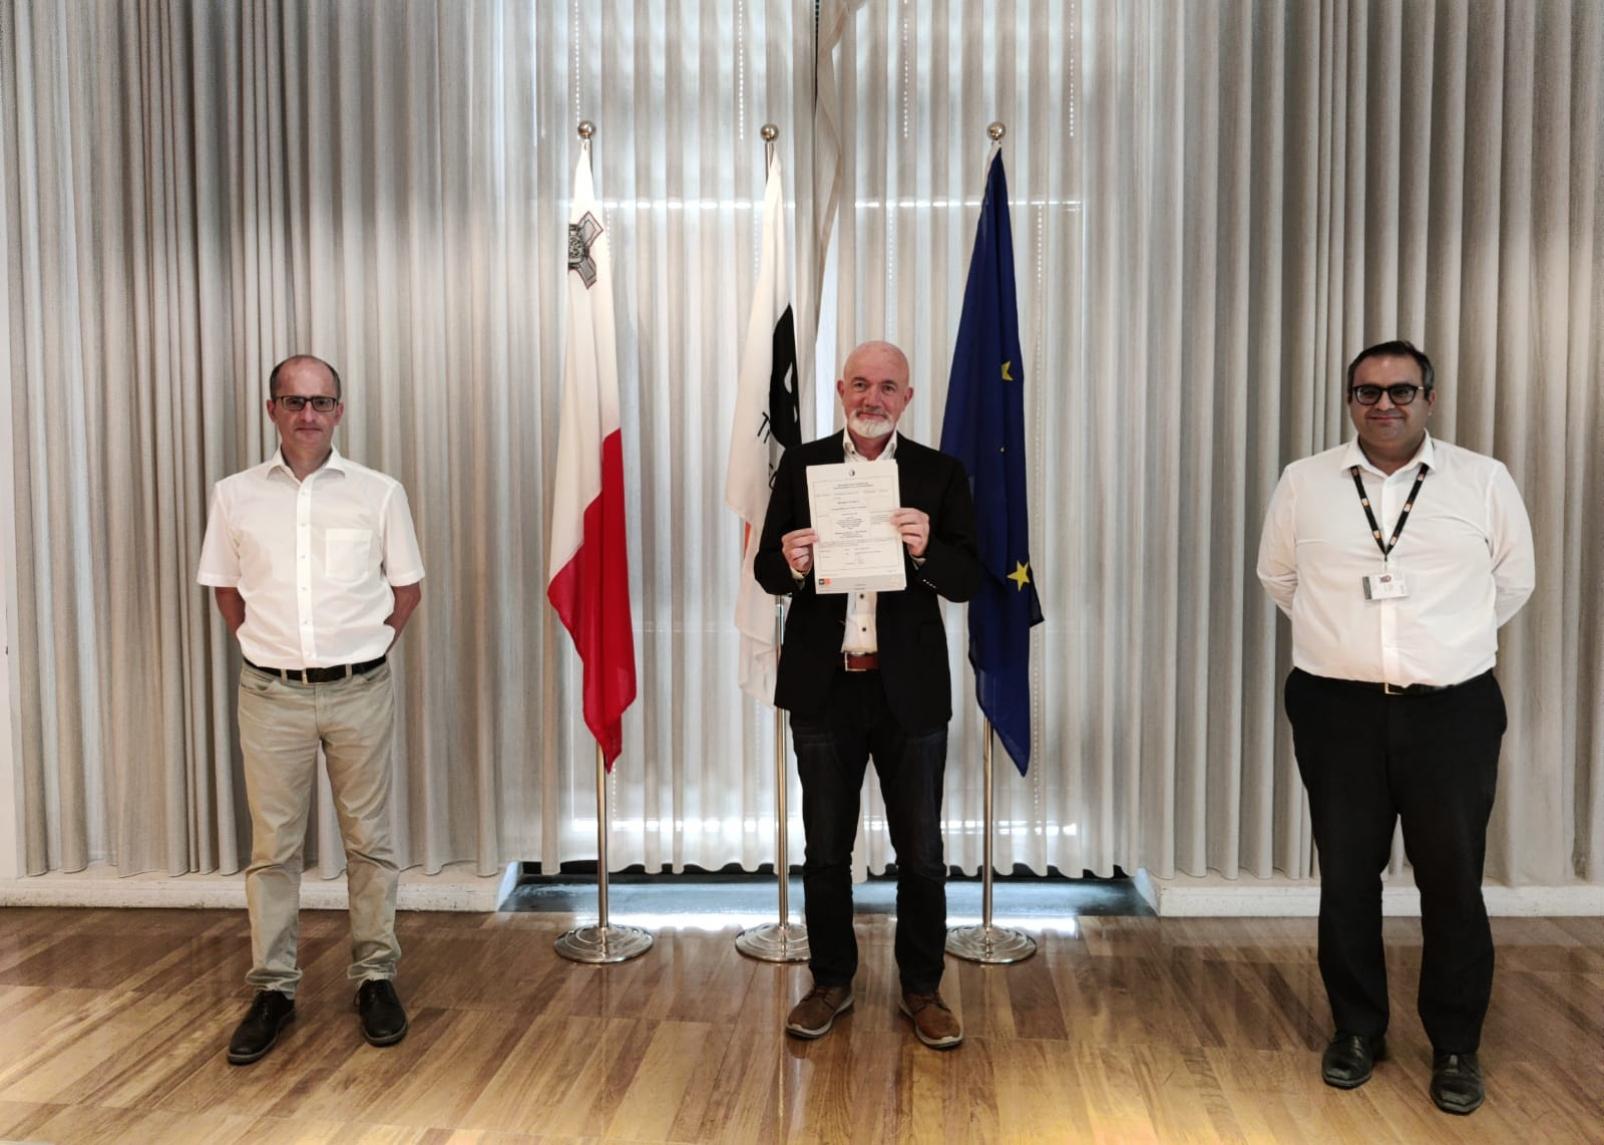 Lauda Awarded AOC 2